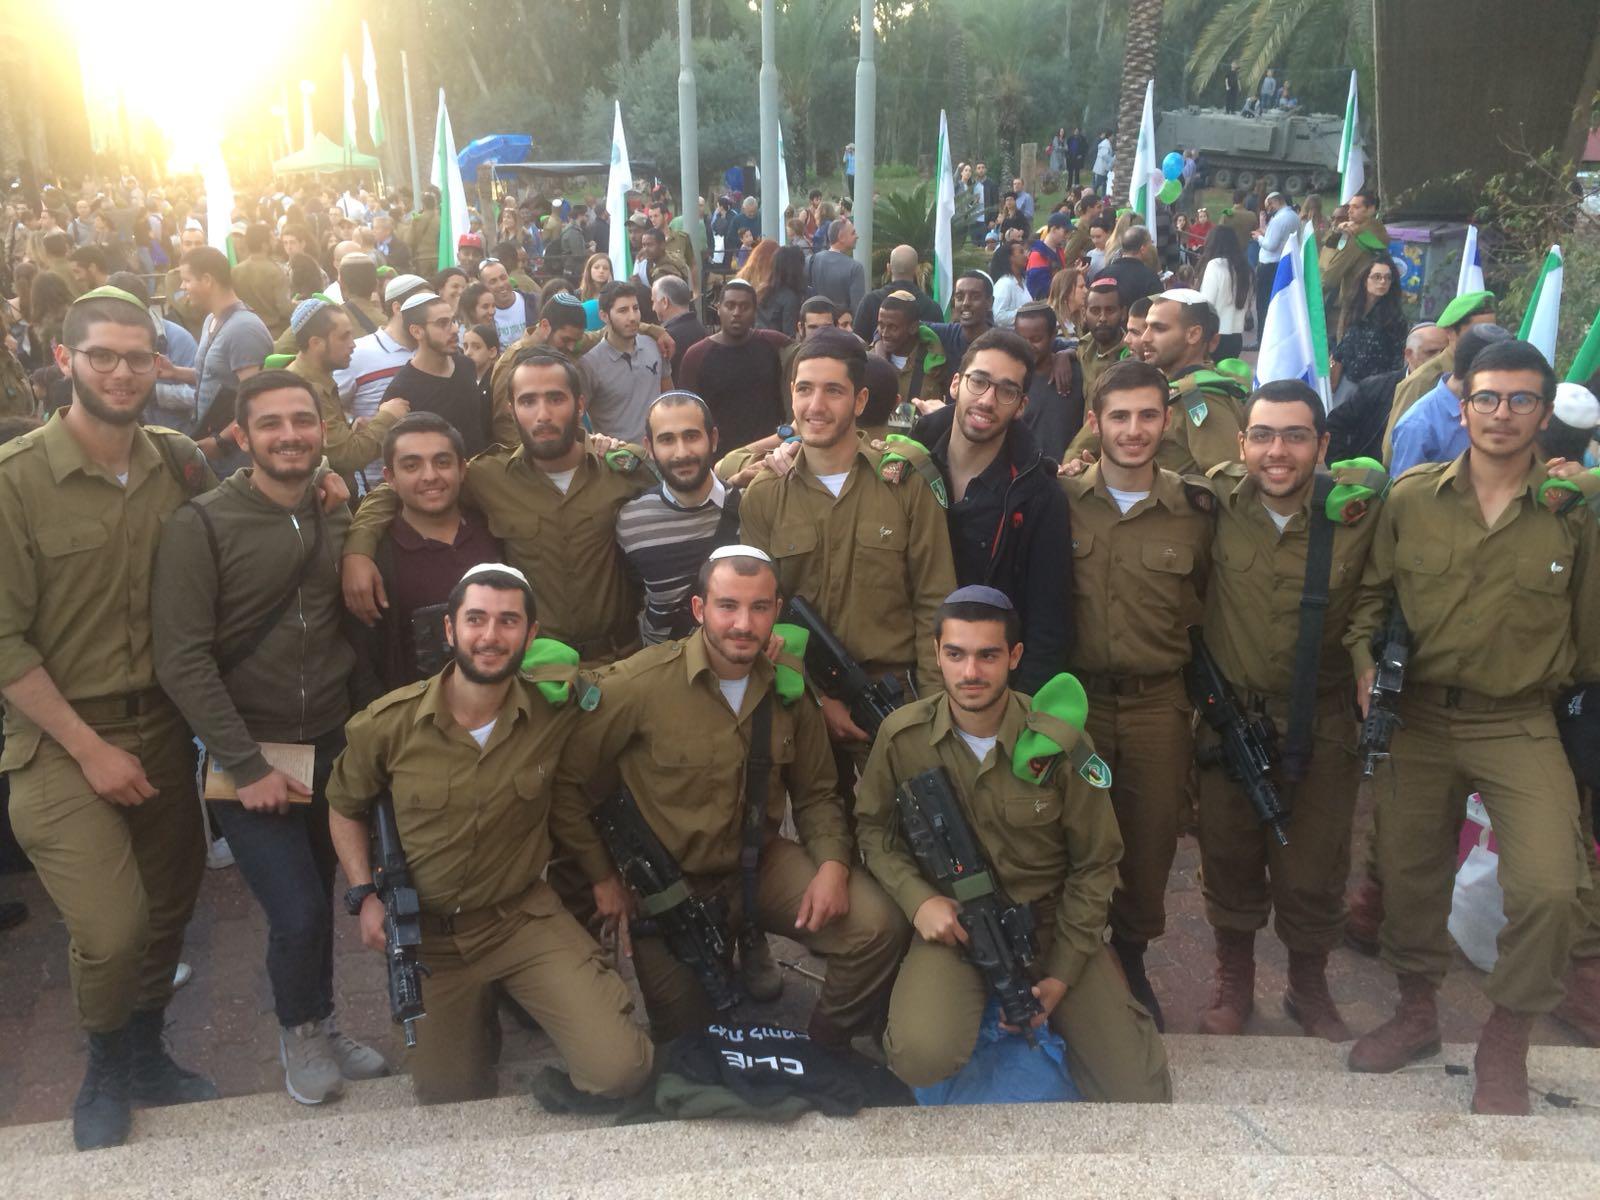 Le maire communiste refoulé à la frontière avec Israël — Gennevilliers